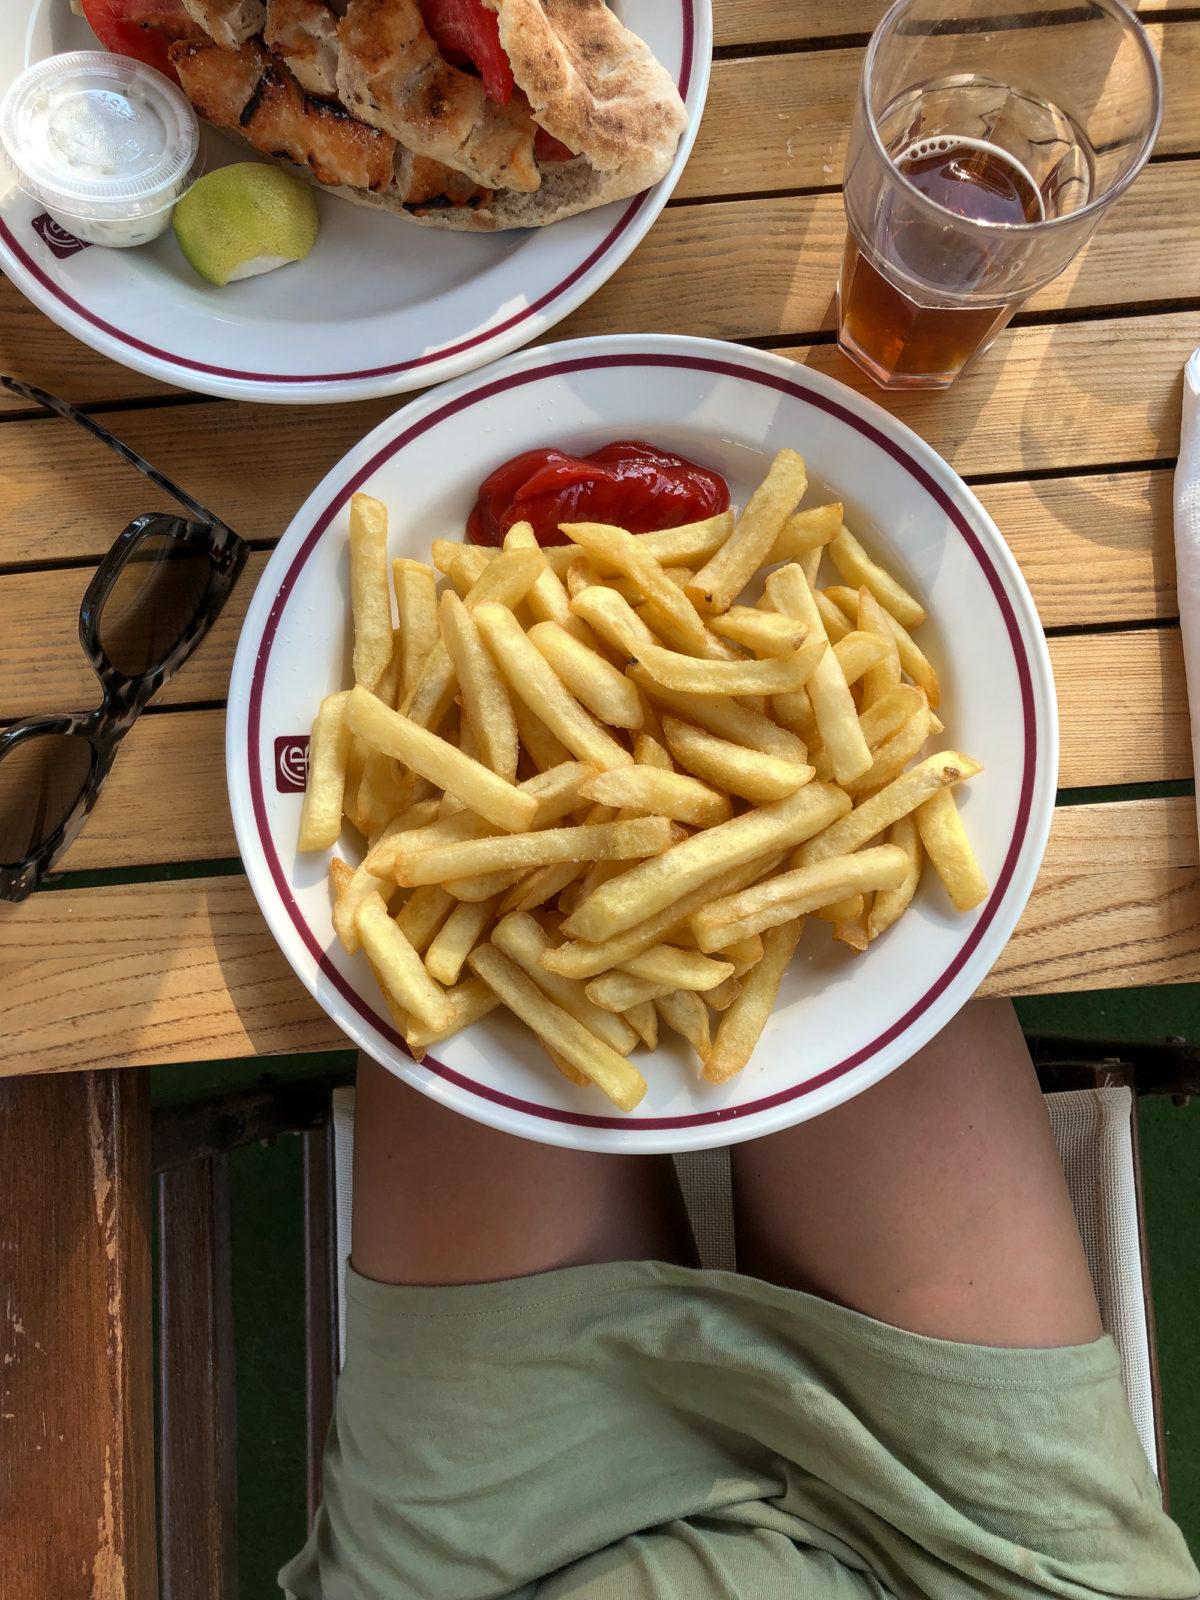 POSTCARD from ZYPERN - Paphos auf dem österreichischen Lifestyle Blog Bits and Bobs by Eva. Mehr Reisen und Travel Diaries auf www.bitsandbobsbyeva.com